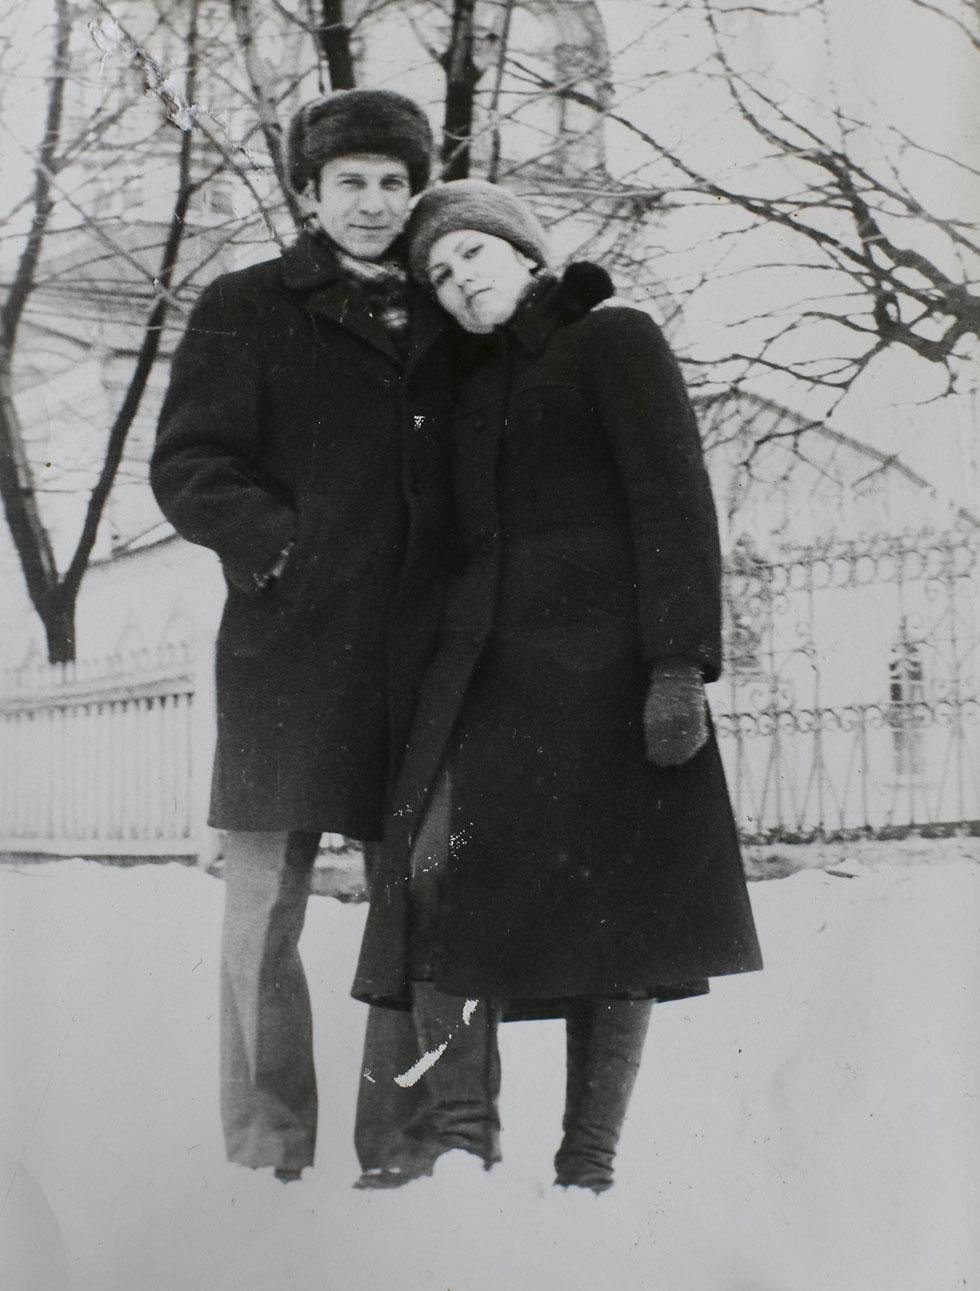 פרבוזצ'נקו עם בעלה, שמת זמן קצר לאחר האסון (צילום: רויטרס) (צילום: רויטרס)